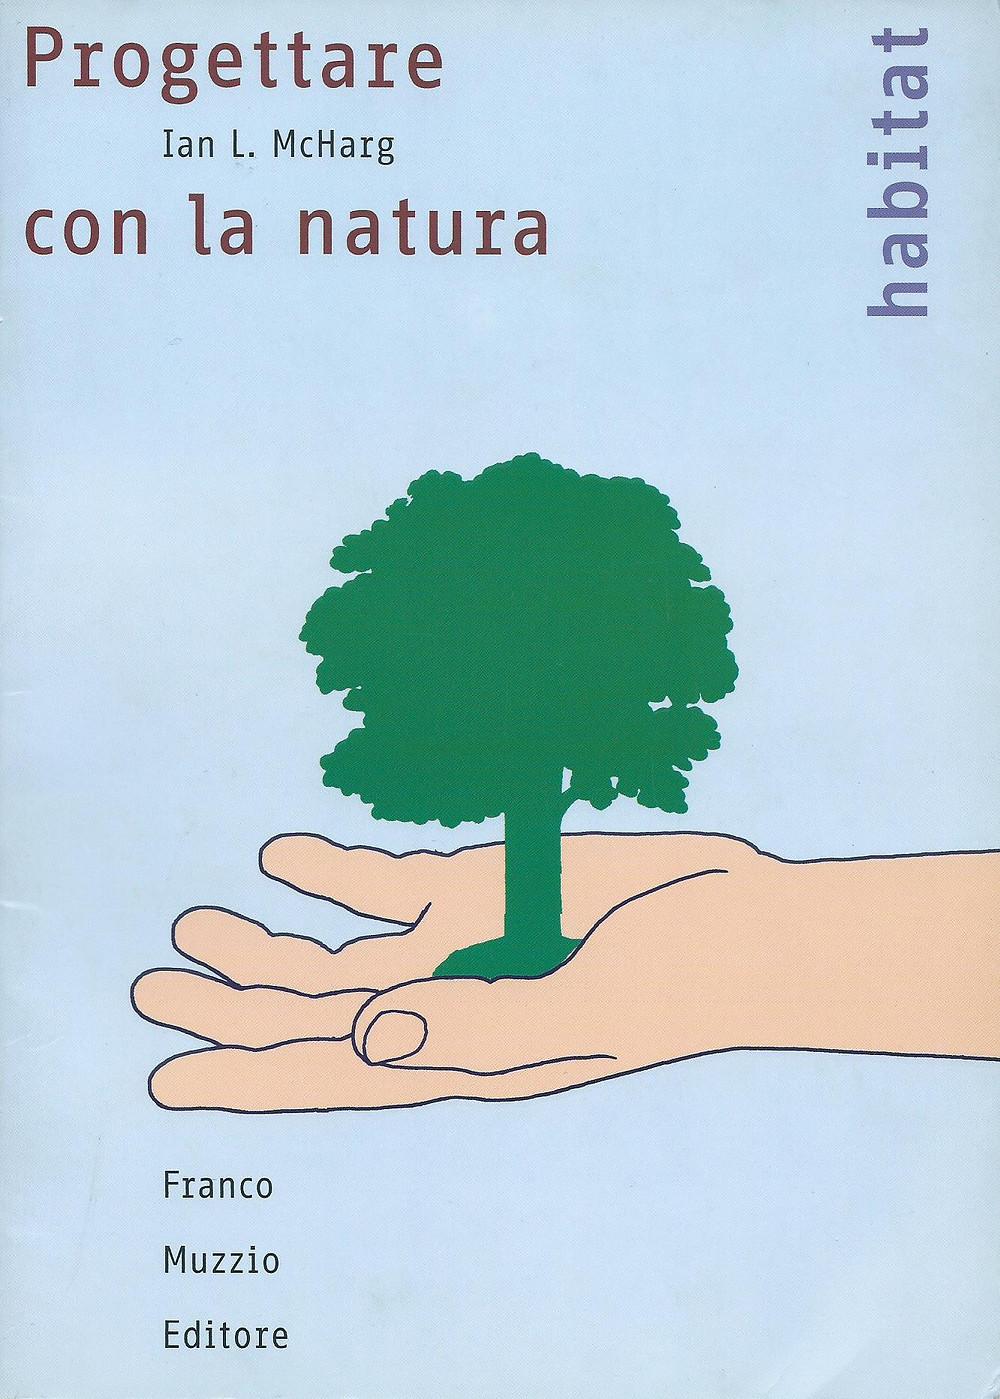 Ian L. McHarg, Progettare con la natura